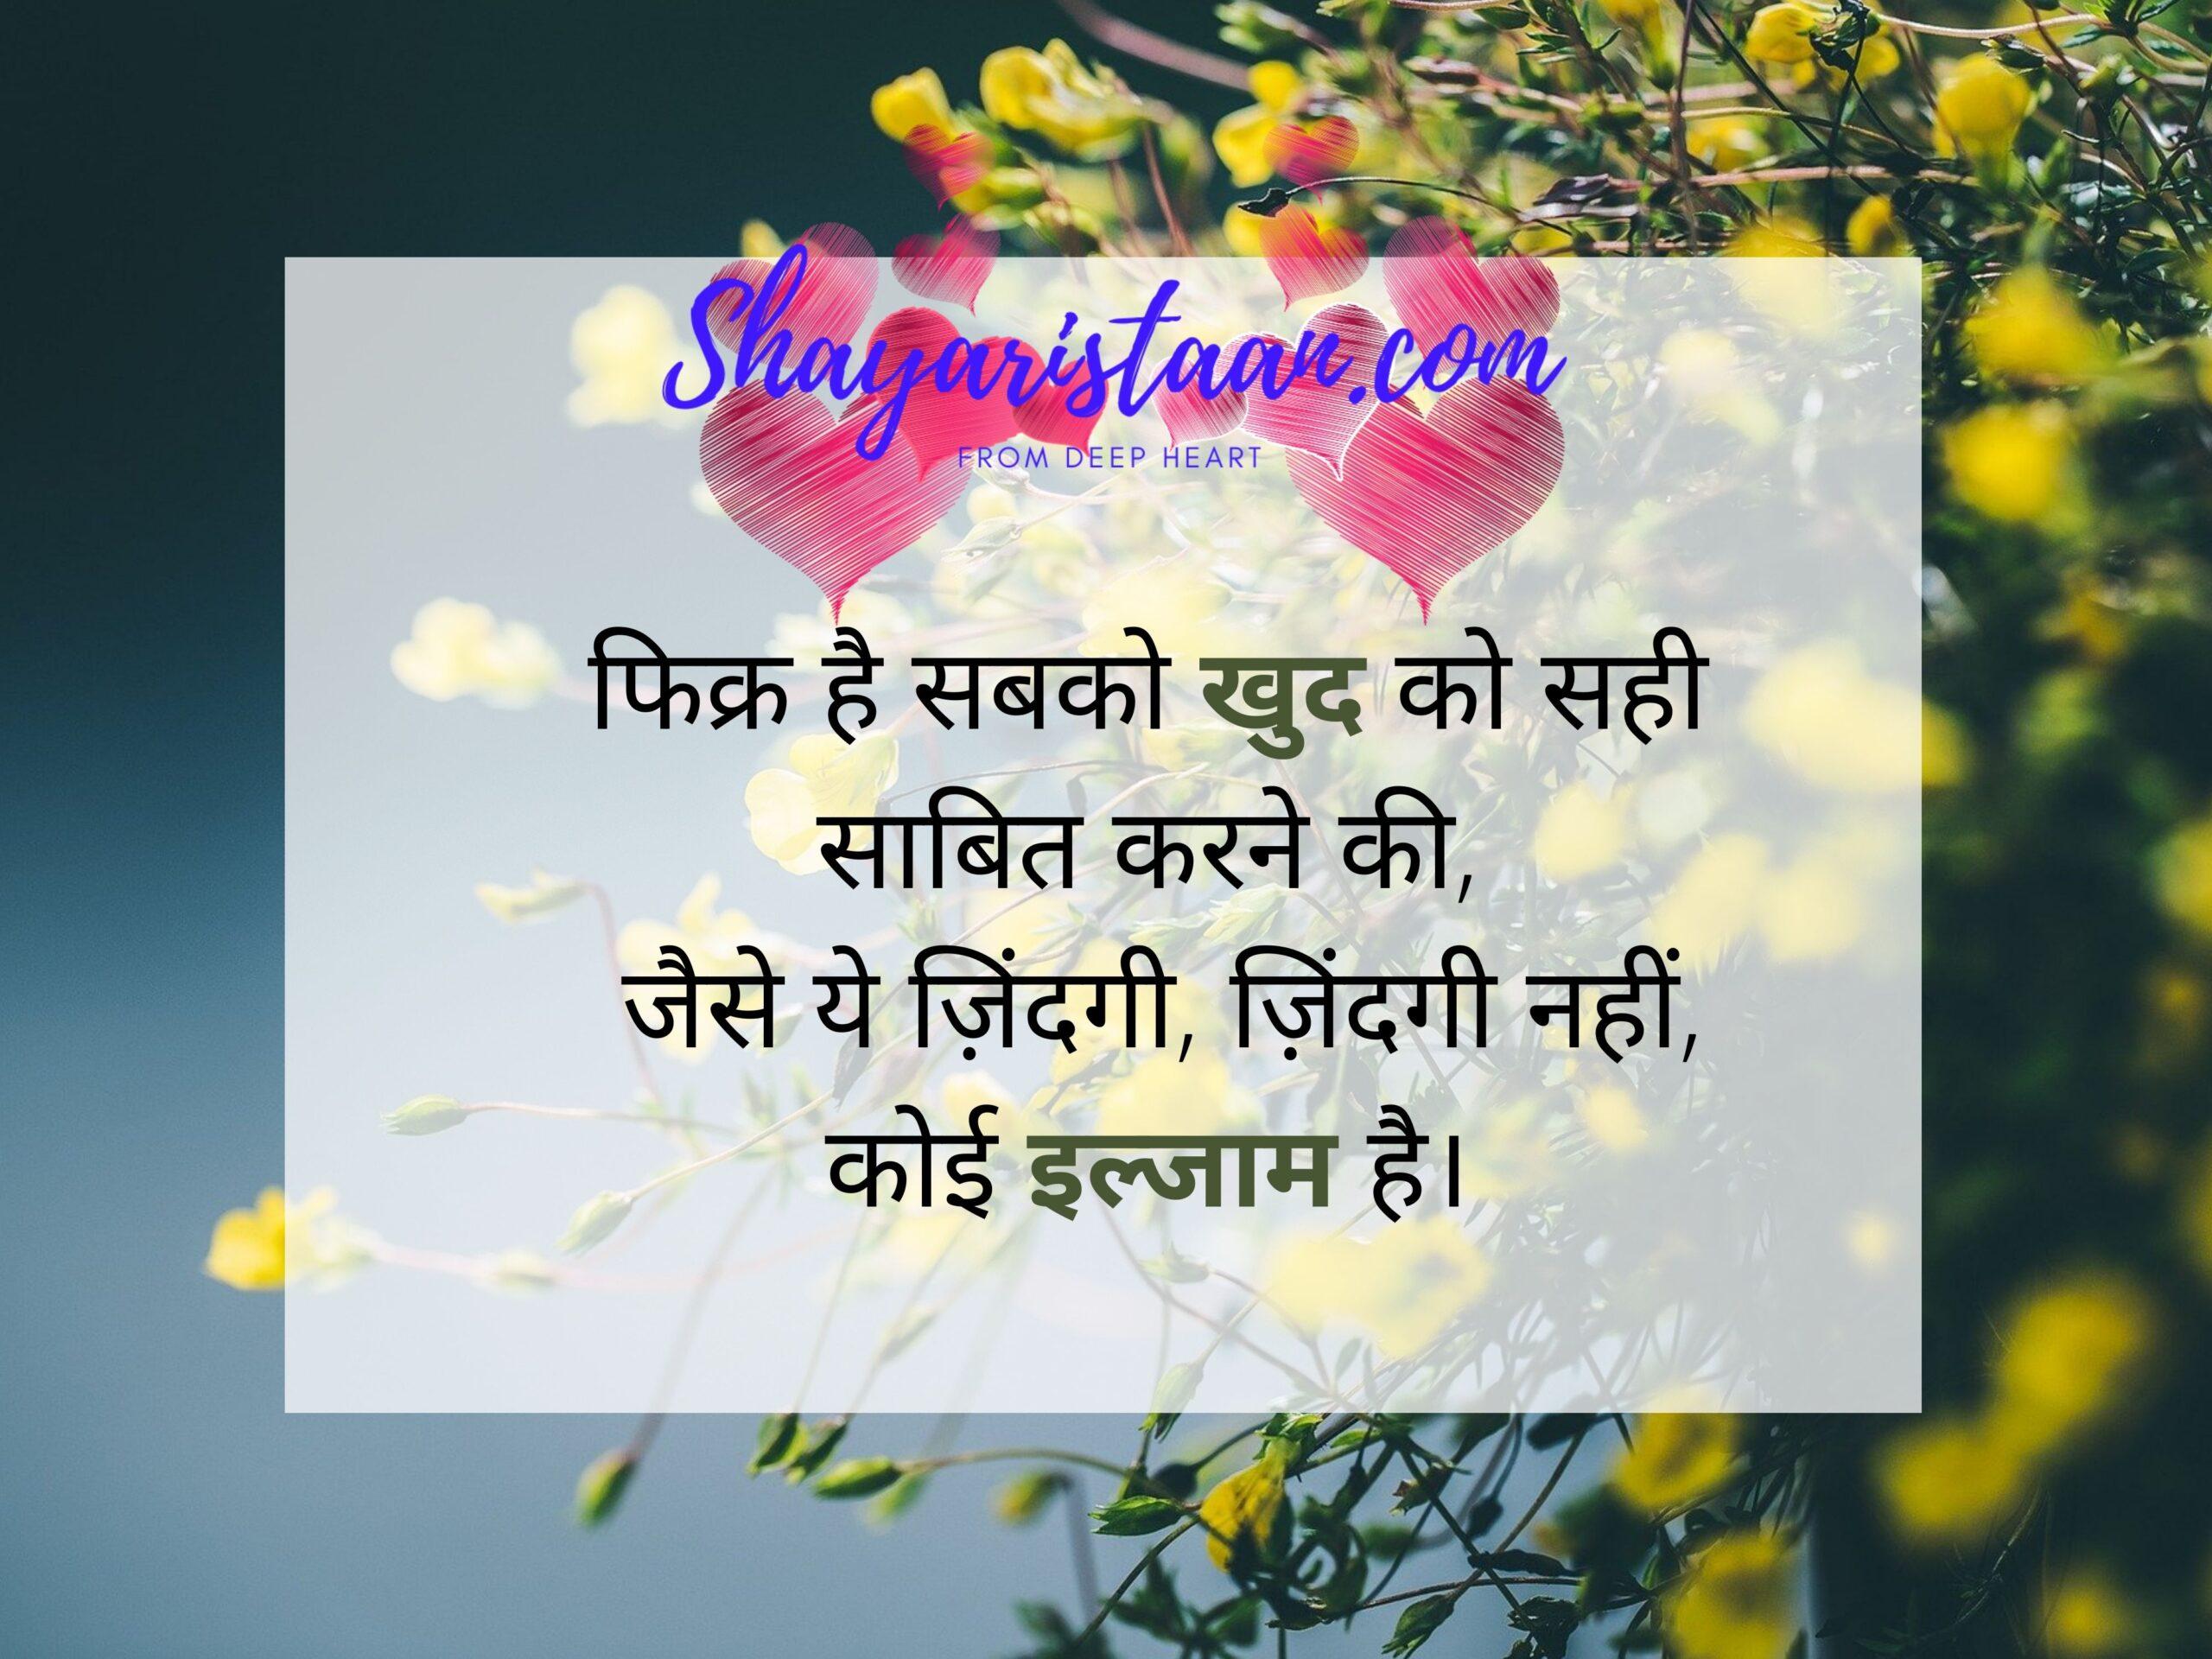 jindagi ki shayari | फिक्र है सबको खुद को सही साबित करने की, जैसे ये ज़िंदगी, ज़िंदगी नहीं, कोई इल्जाम है।